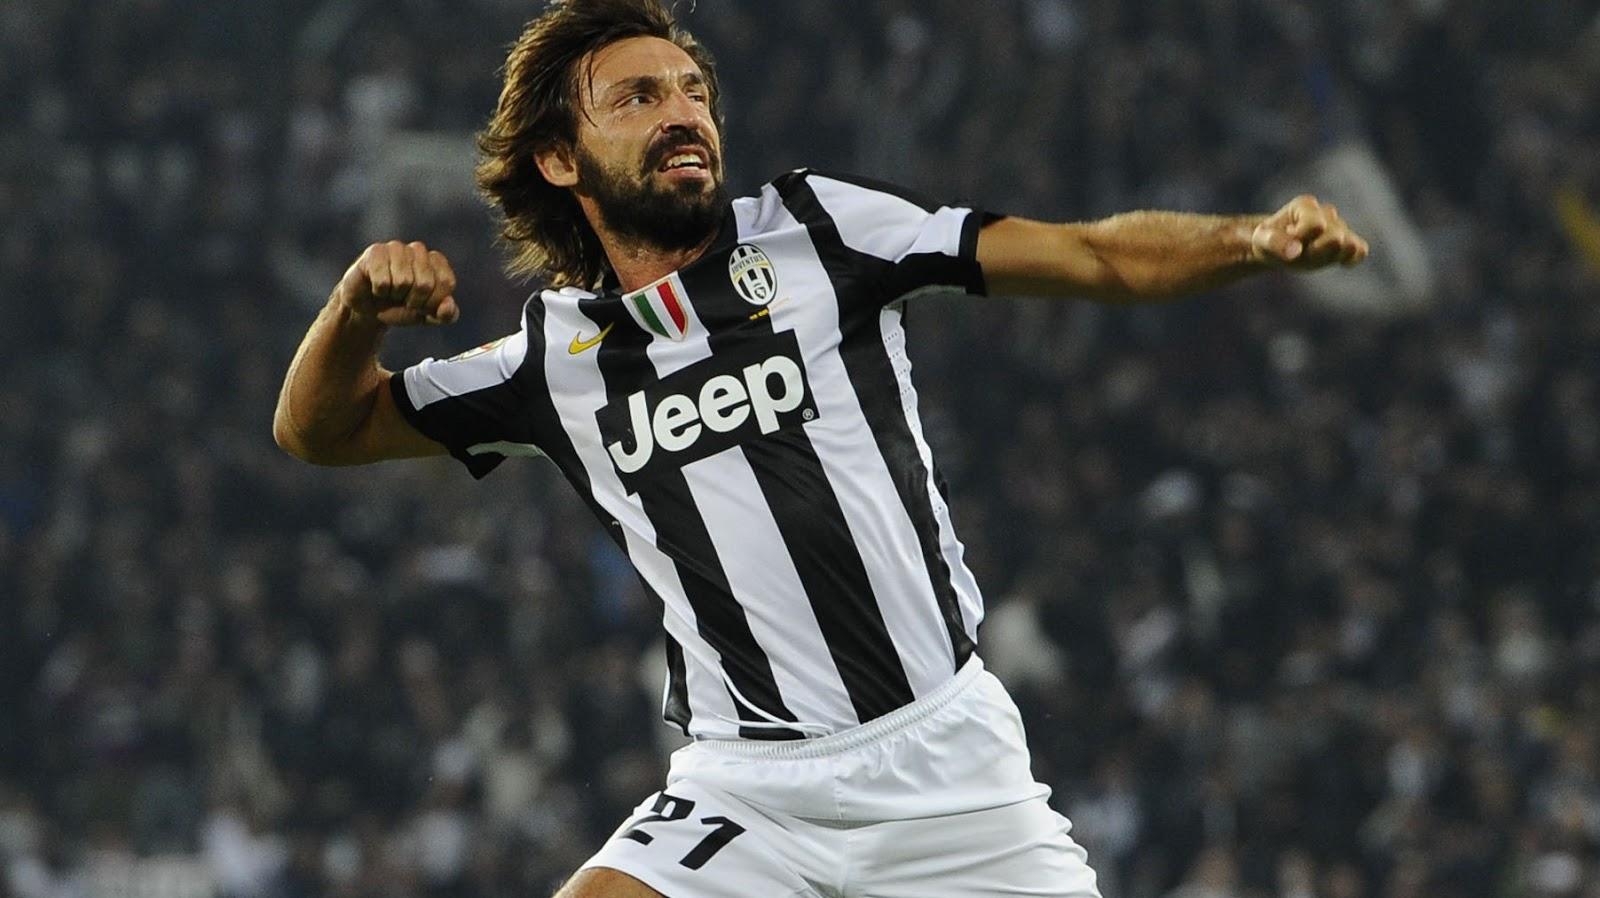 Il Di Fiorentina 0 1 Blog Juventus SqStXwa